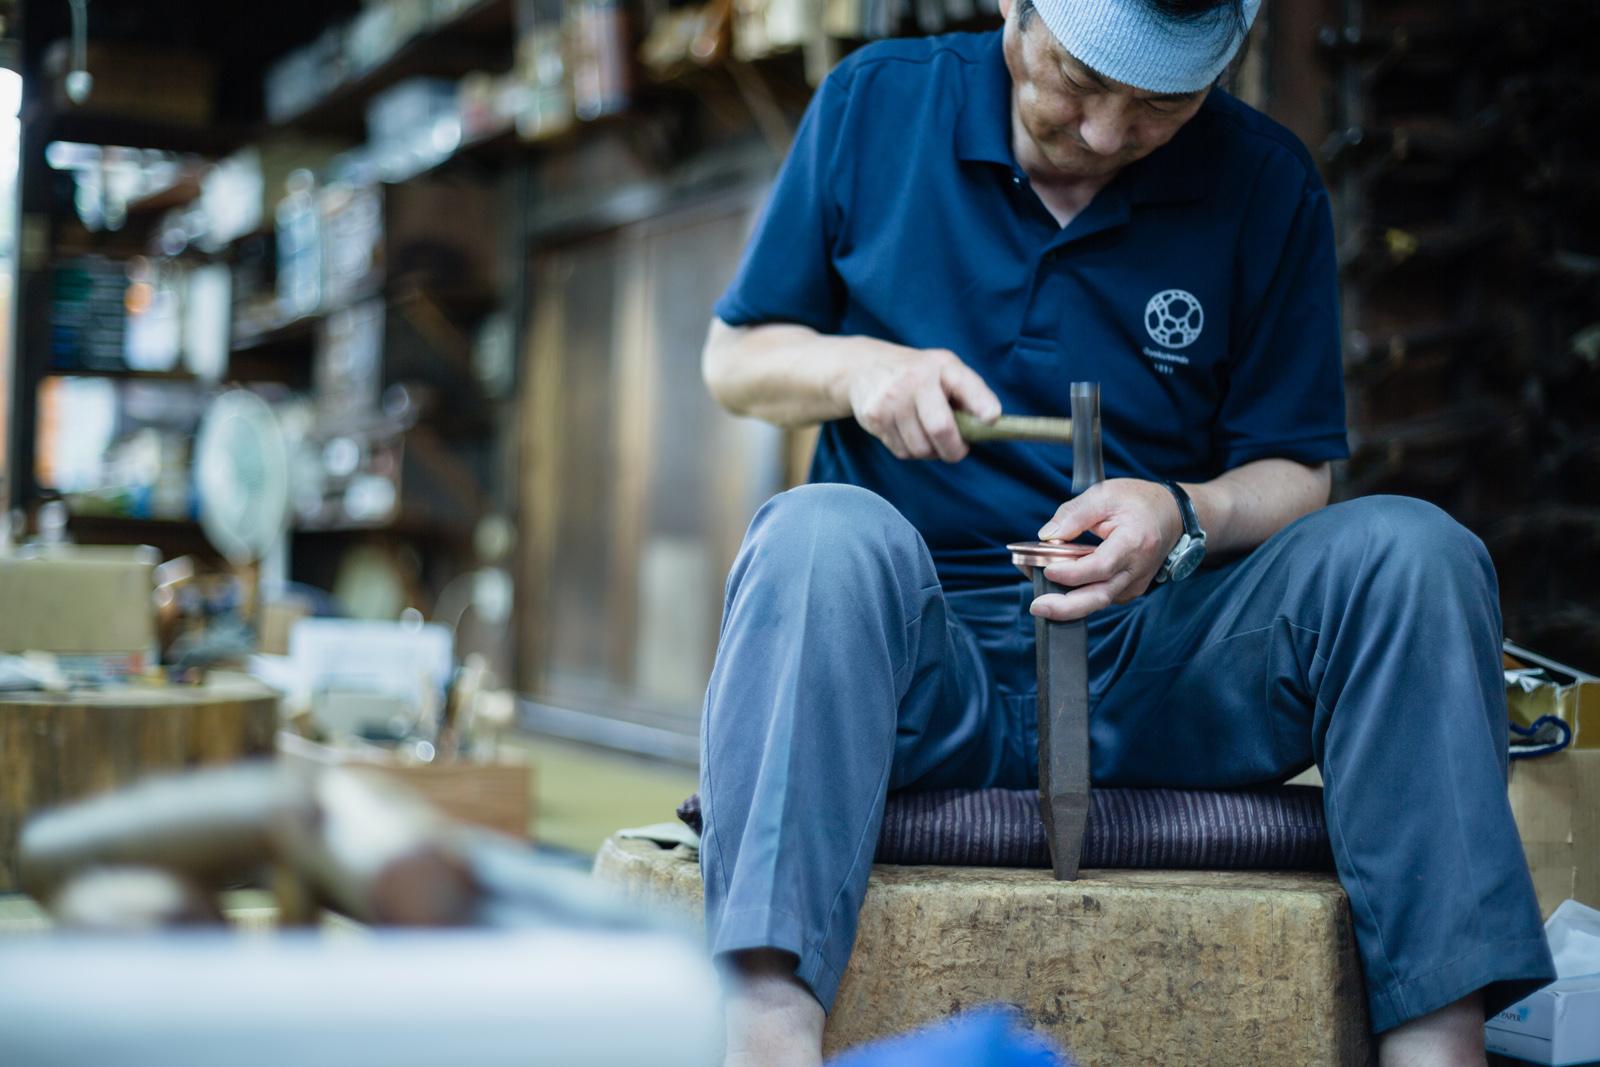 玉川堂さんでは間近でものづくりを見ることができる工房見学を実施している